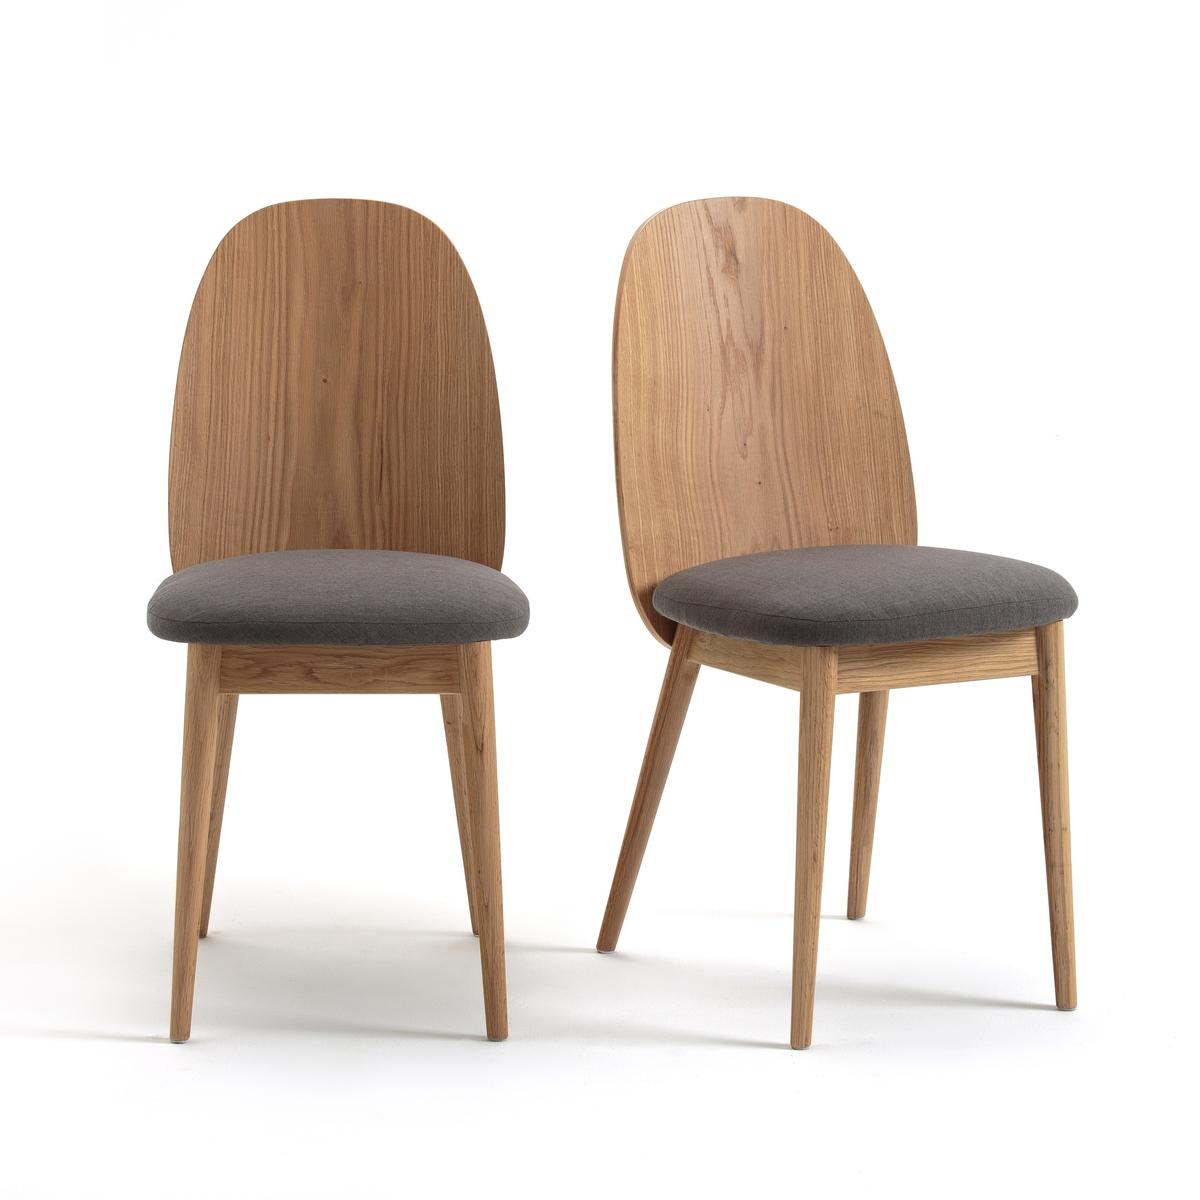 2 стула CRUESO2 стула Crueso. Дизайн в скандинавском стиле и удобное сиденье.Характеристики 2 стульев Crueso :Спинка из мультиплекса из березы и шпона дуба, НЦ-лакировка .Ножки из массива дуба с НЦ-лакировкой .Сиденье из фанеры с наполнителем ПУ, обивка из серой ткани 100% полиэстер .Накладки на ножки из войлока..Для оптимального качества и устойчивости рекомендуется надежно затянуть болты. Найдите нашу коллекцию Crueso на laredoute.ruРазмеры стульев Cruesco :Общие :Длина :  40 смВысота : 80 смГлубина : 50 смСиденье : В 47 см Размеры и вес ящика :1 упаковкаД56,5 x В99 x Г44 см . 14 кгДоставка :2 стула Crueso продаются готовыми к сборке Доставка товара до квартиры по предварительной договоренности! Внимание!Убедитесь в том, что товар возможно доставить на дом, учитывая его габариты (проходит в двери, по лестницам, в лифты).<br><br>Цвет: серый